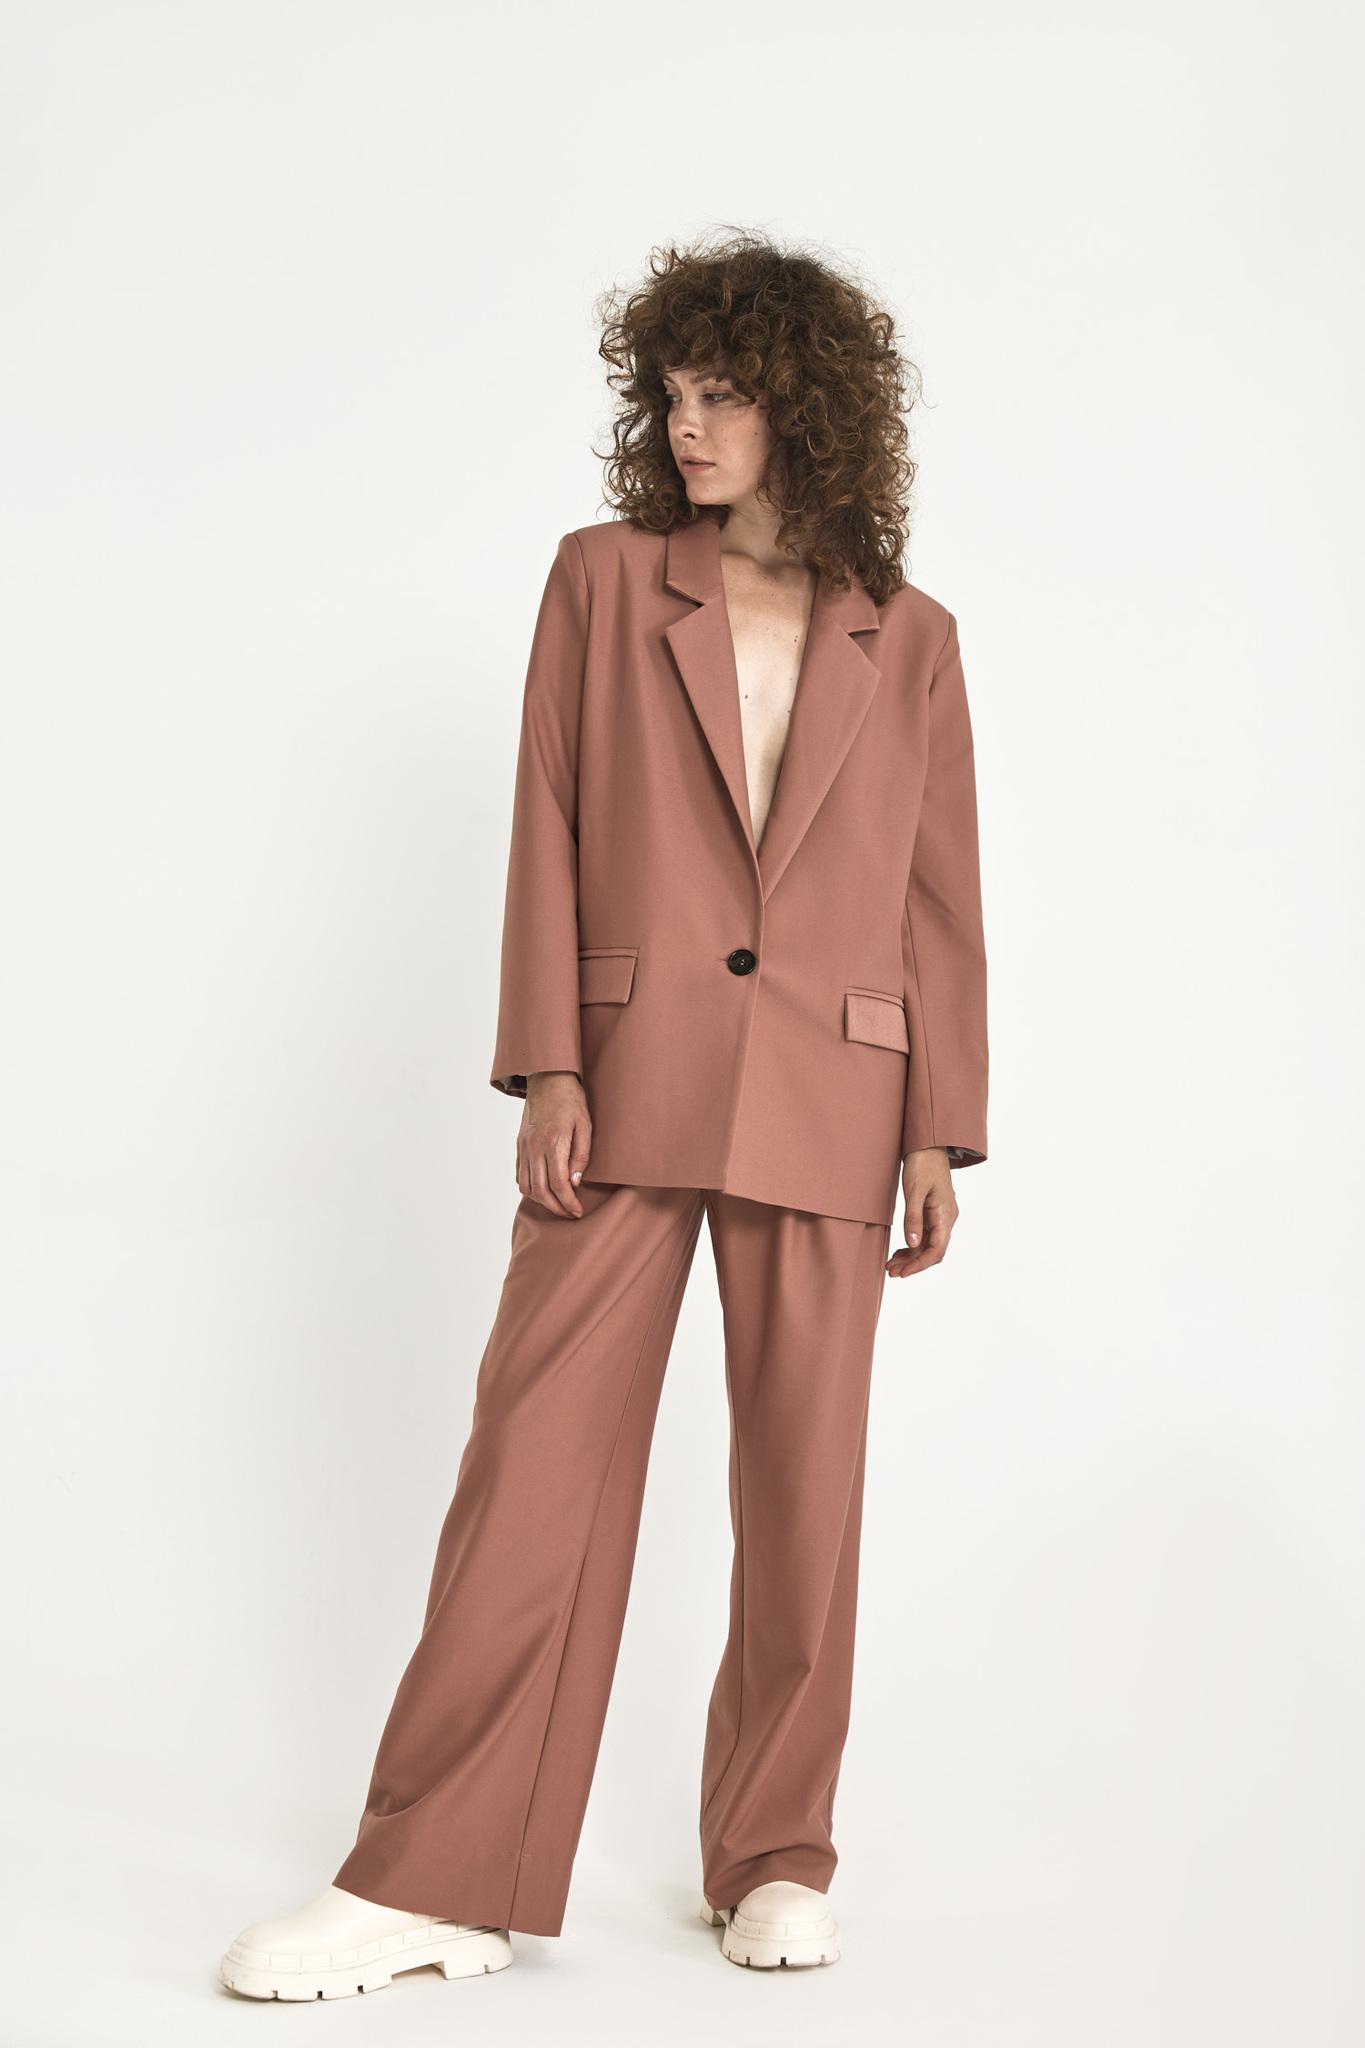 Широкие брюки с двумя складками (костюмный твил), розовая пудра